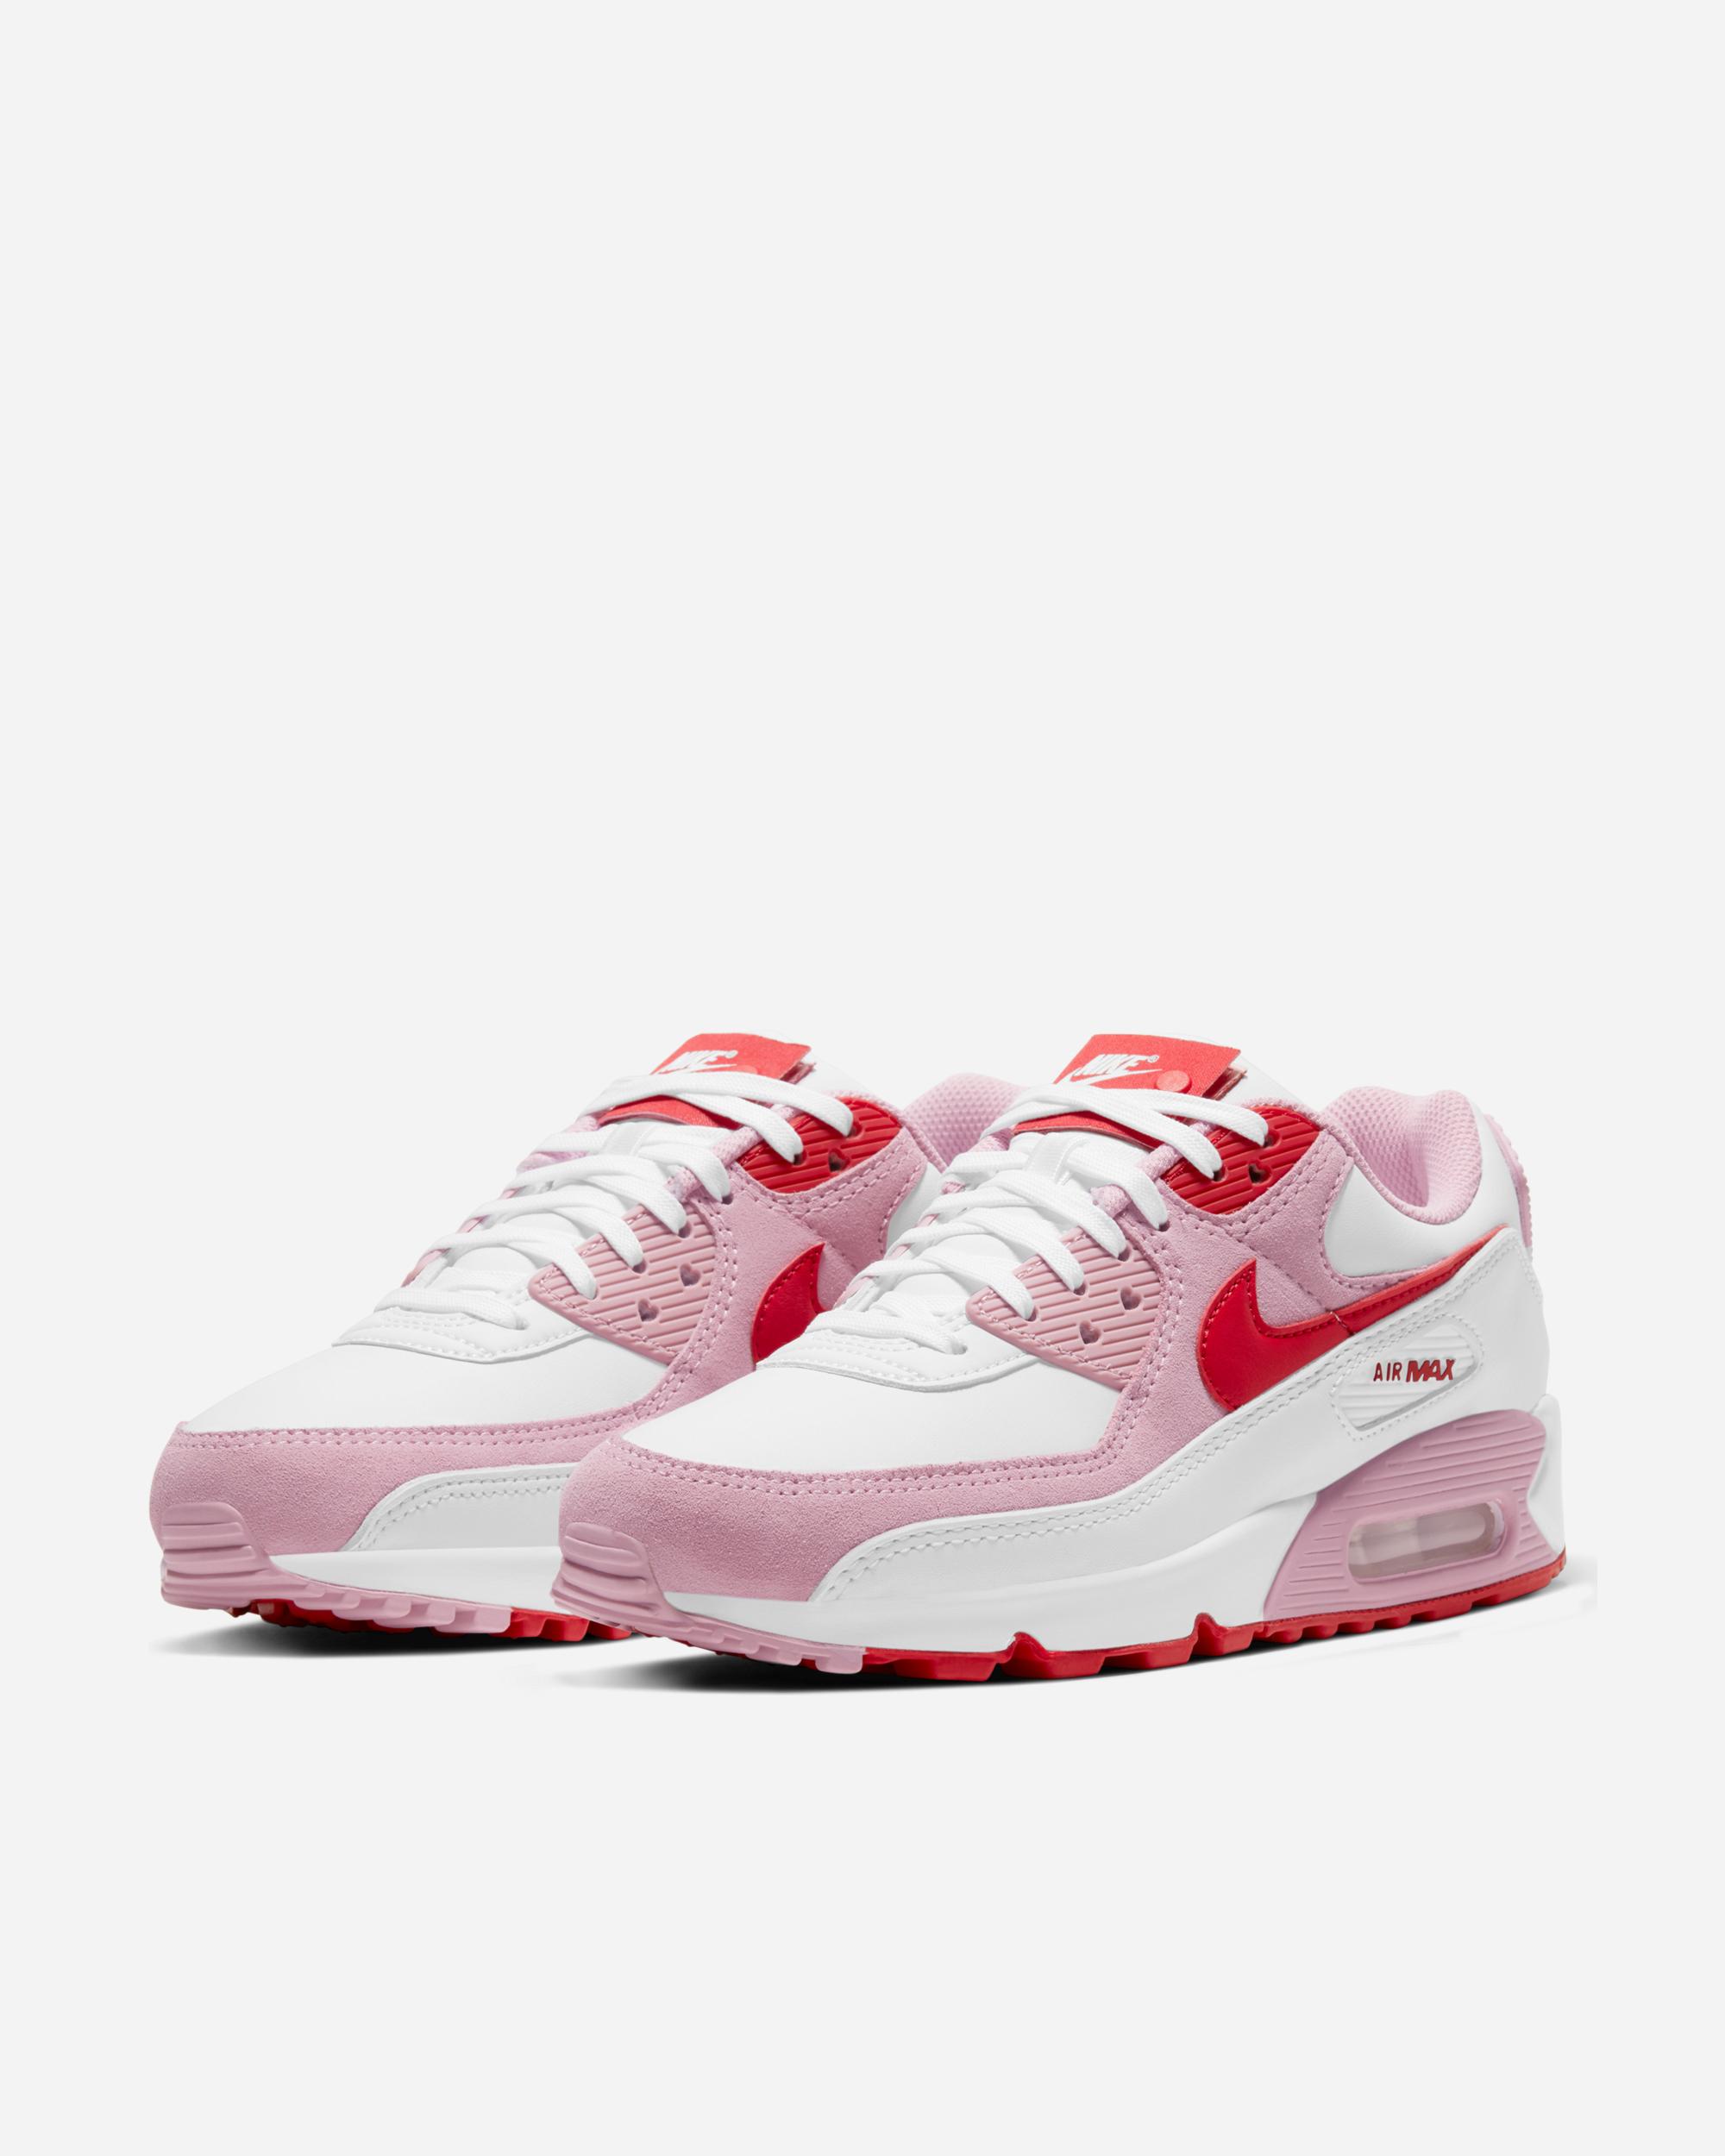 Nike Sportswear Air Max 90 QS White/Uni Red/Tulip Pink   DD8029 100